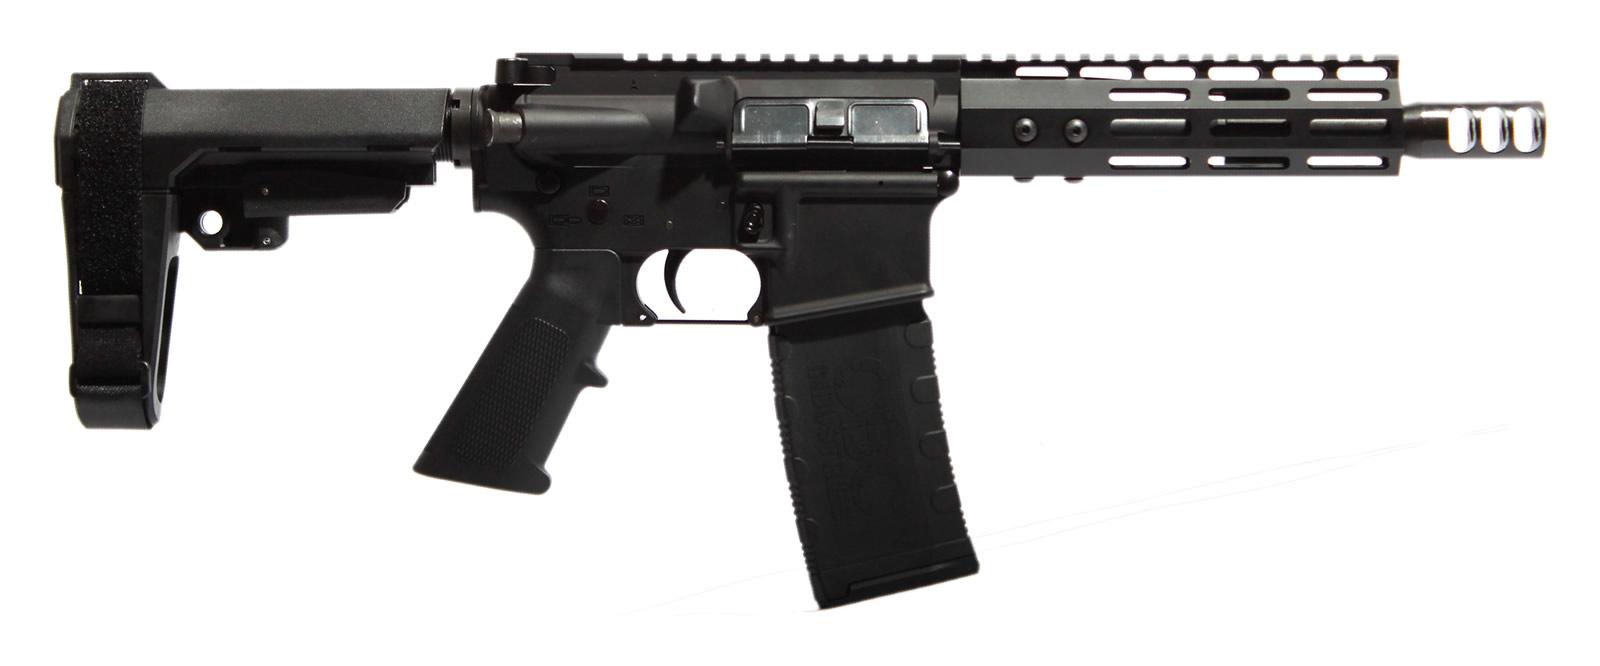 Ar15 Complete Pistol 7 5 Inches 223 Wylde M Lok Rail Aero Precision Lower 200218 Cbc Precision Ar S